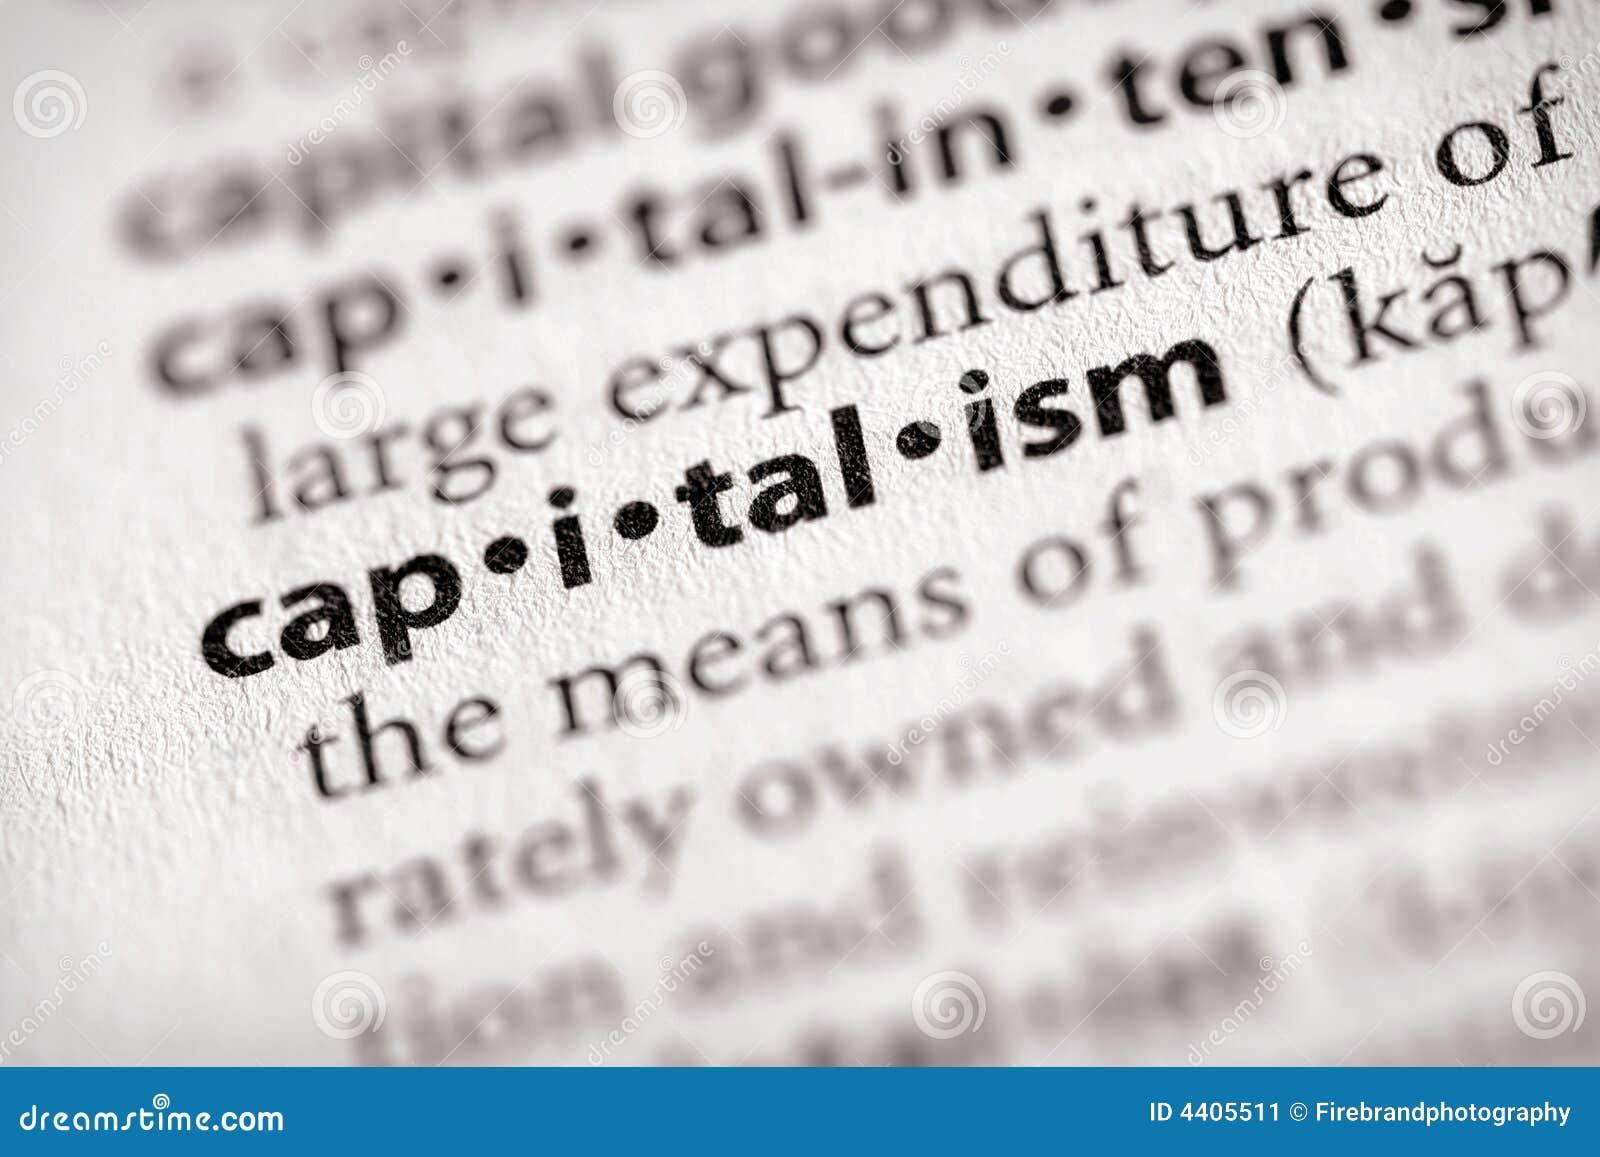 Serie del diccionario - economía: capitalismo